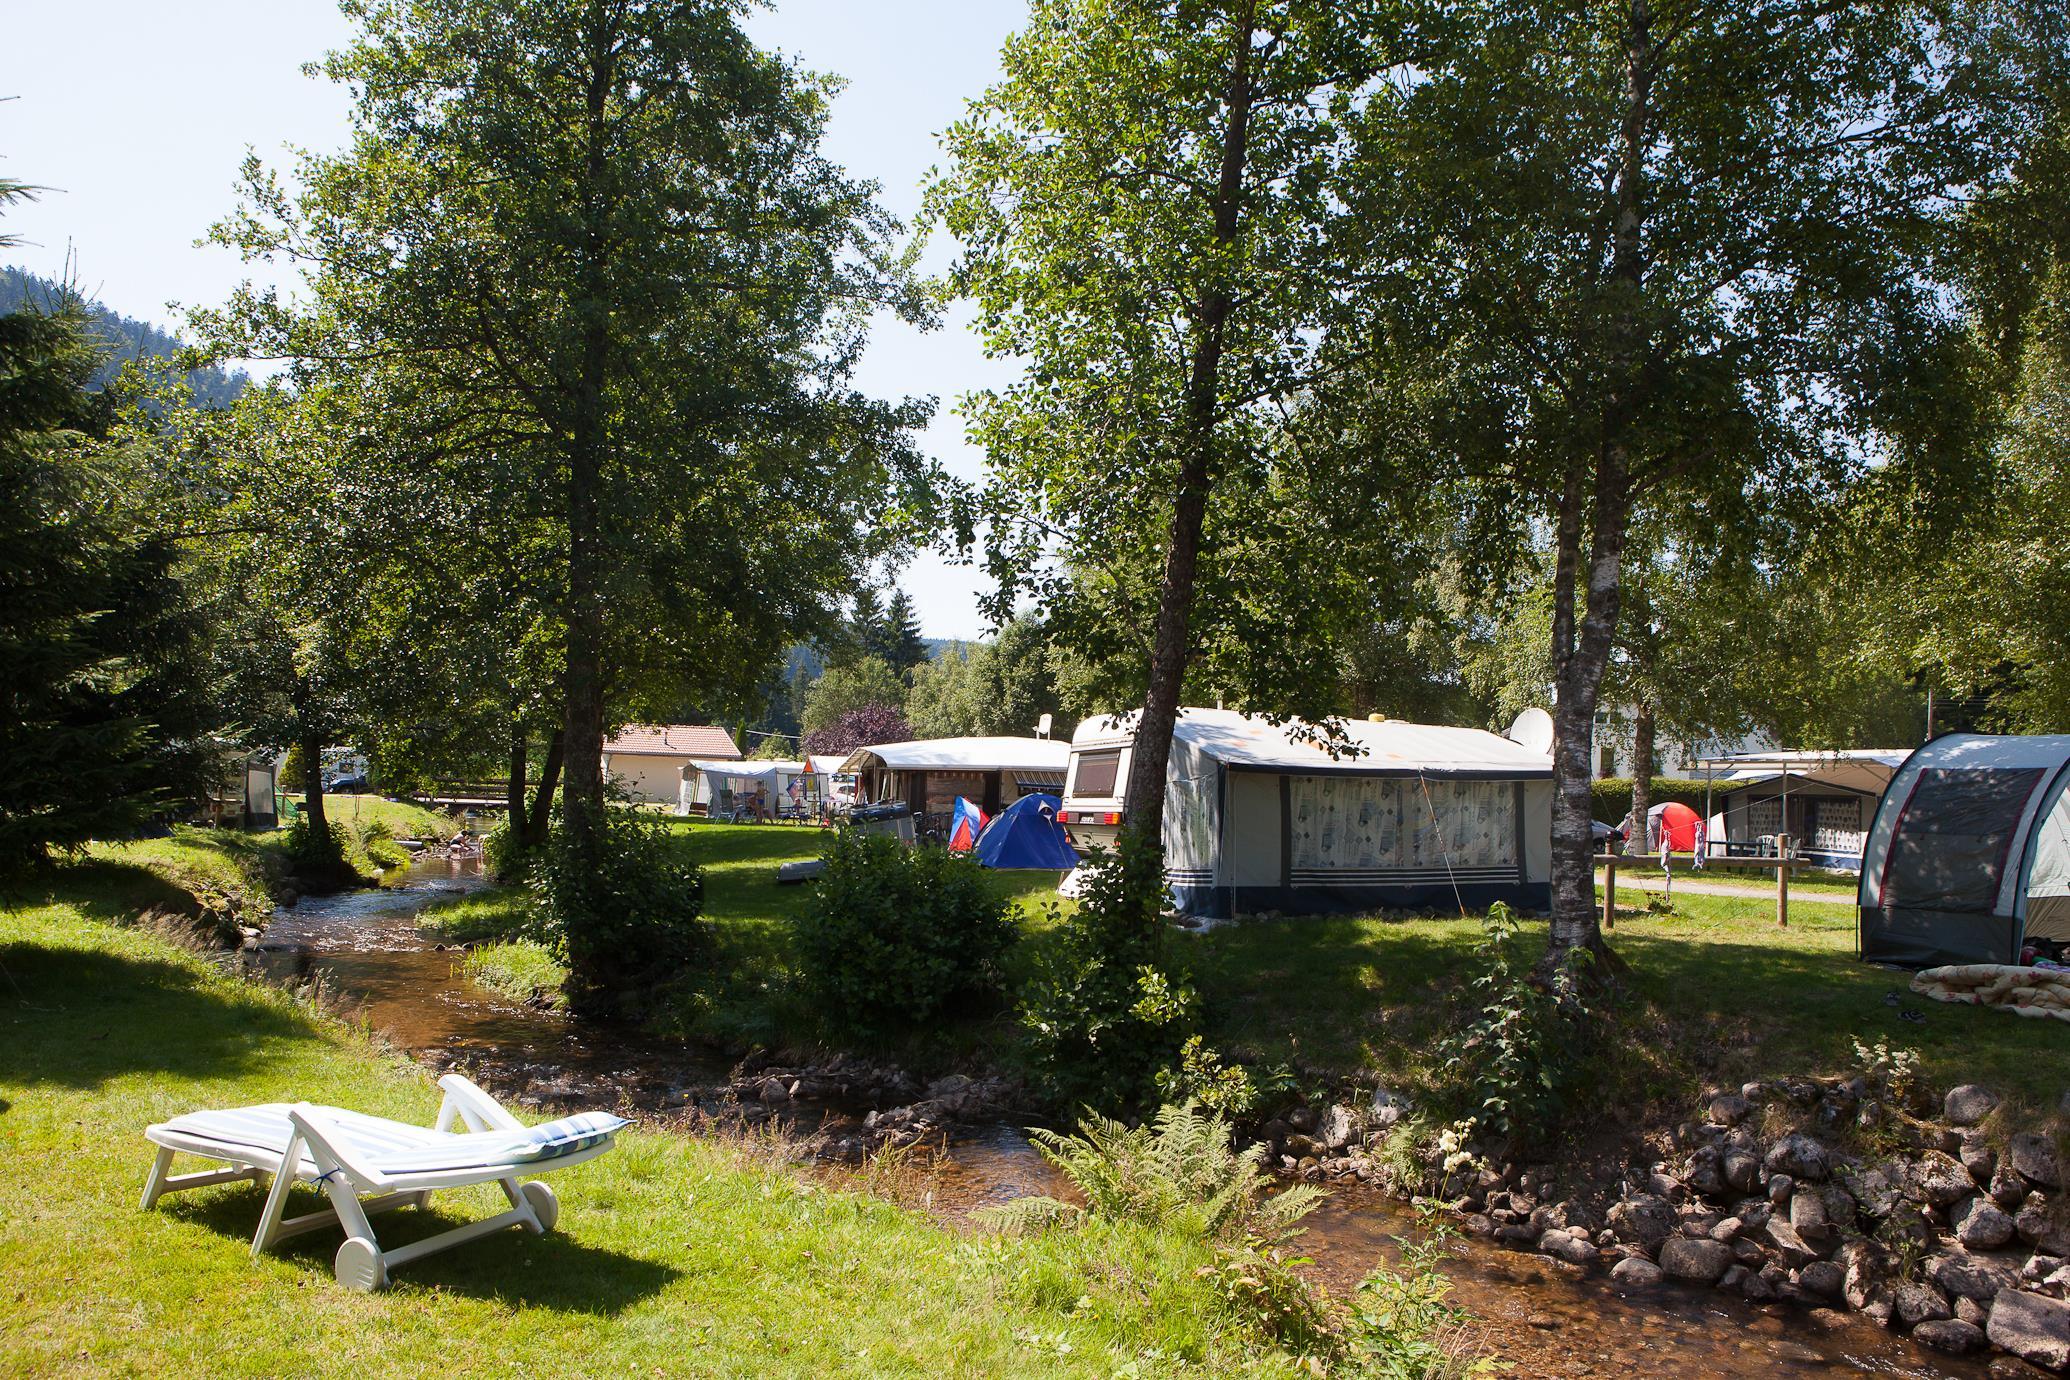 Emplacement - Forfait Privilège (1 Tente, Caravane + 1 Voiture Ou Camping-Car / Électricité 6A) - Flower Camping Verte Vallee